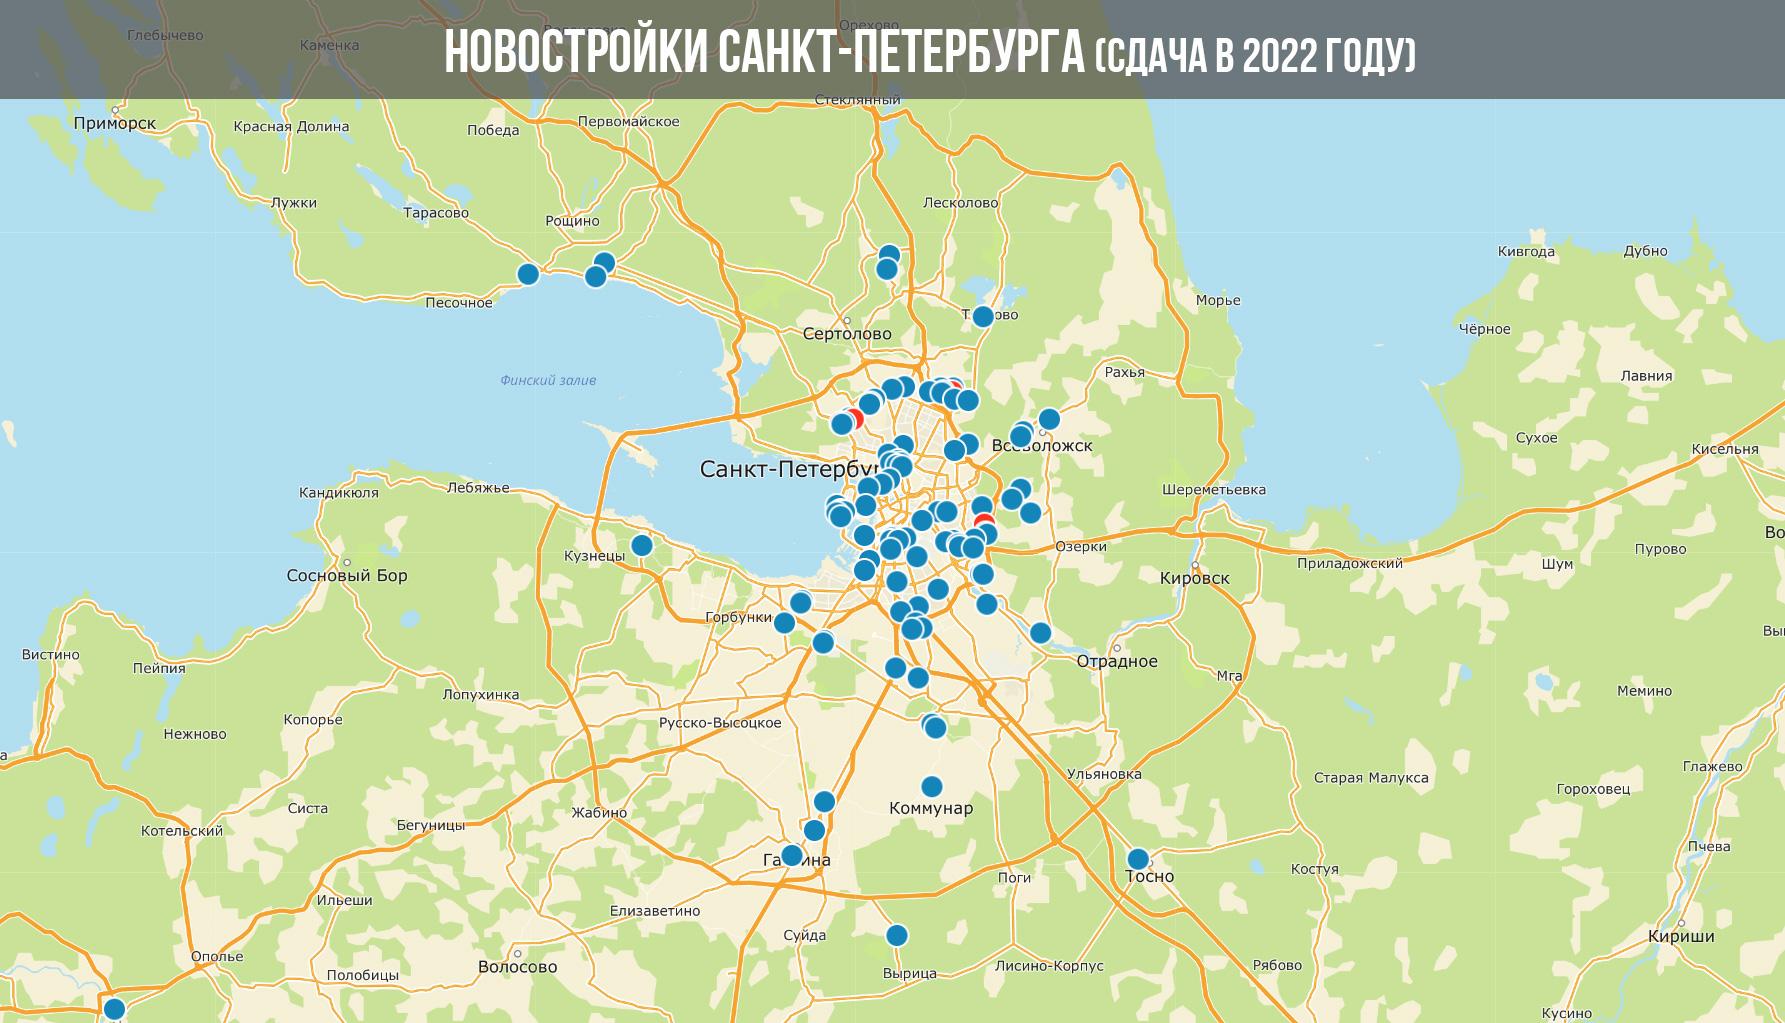 Новостройки Санкт-Петербурга в 2022 году - полный список новых ЖК